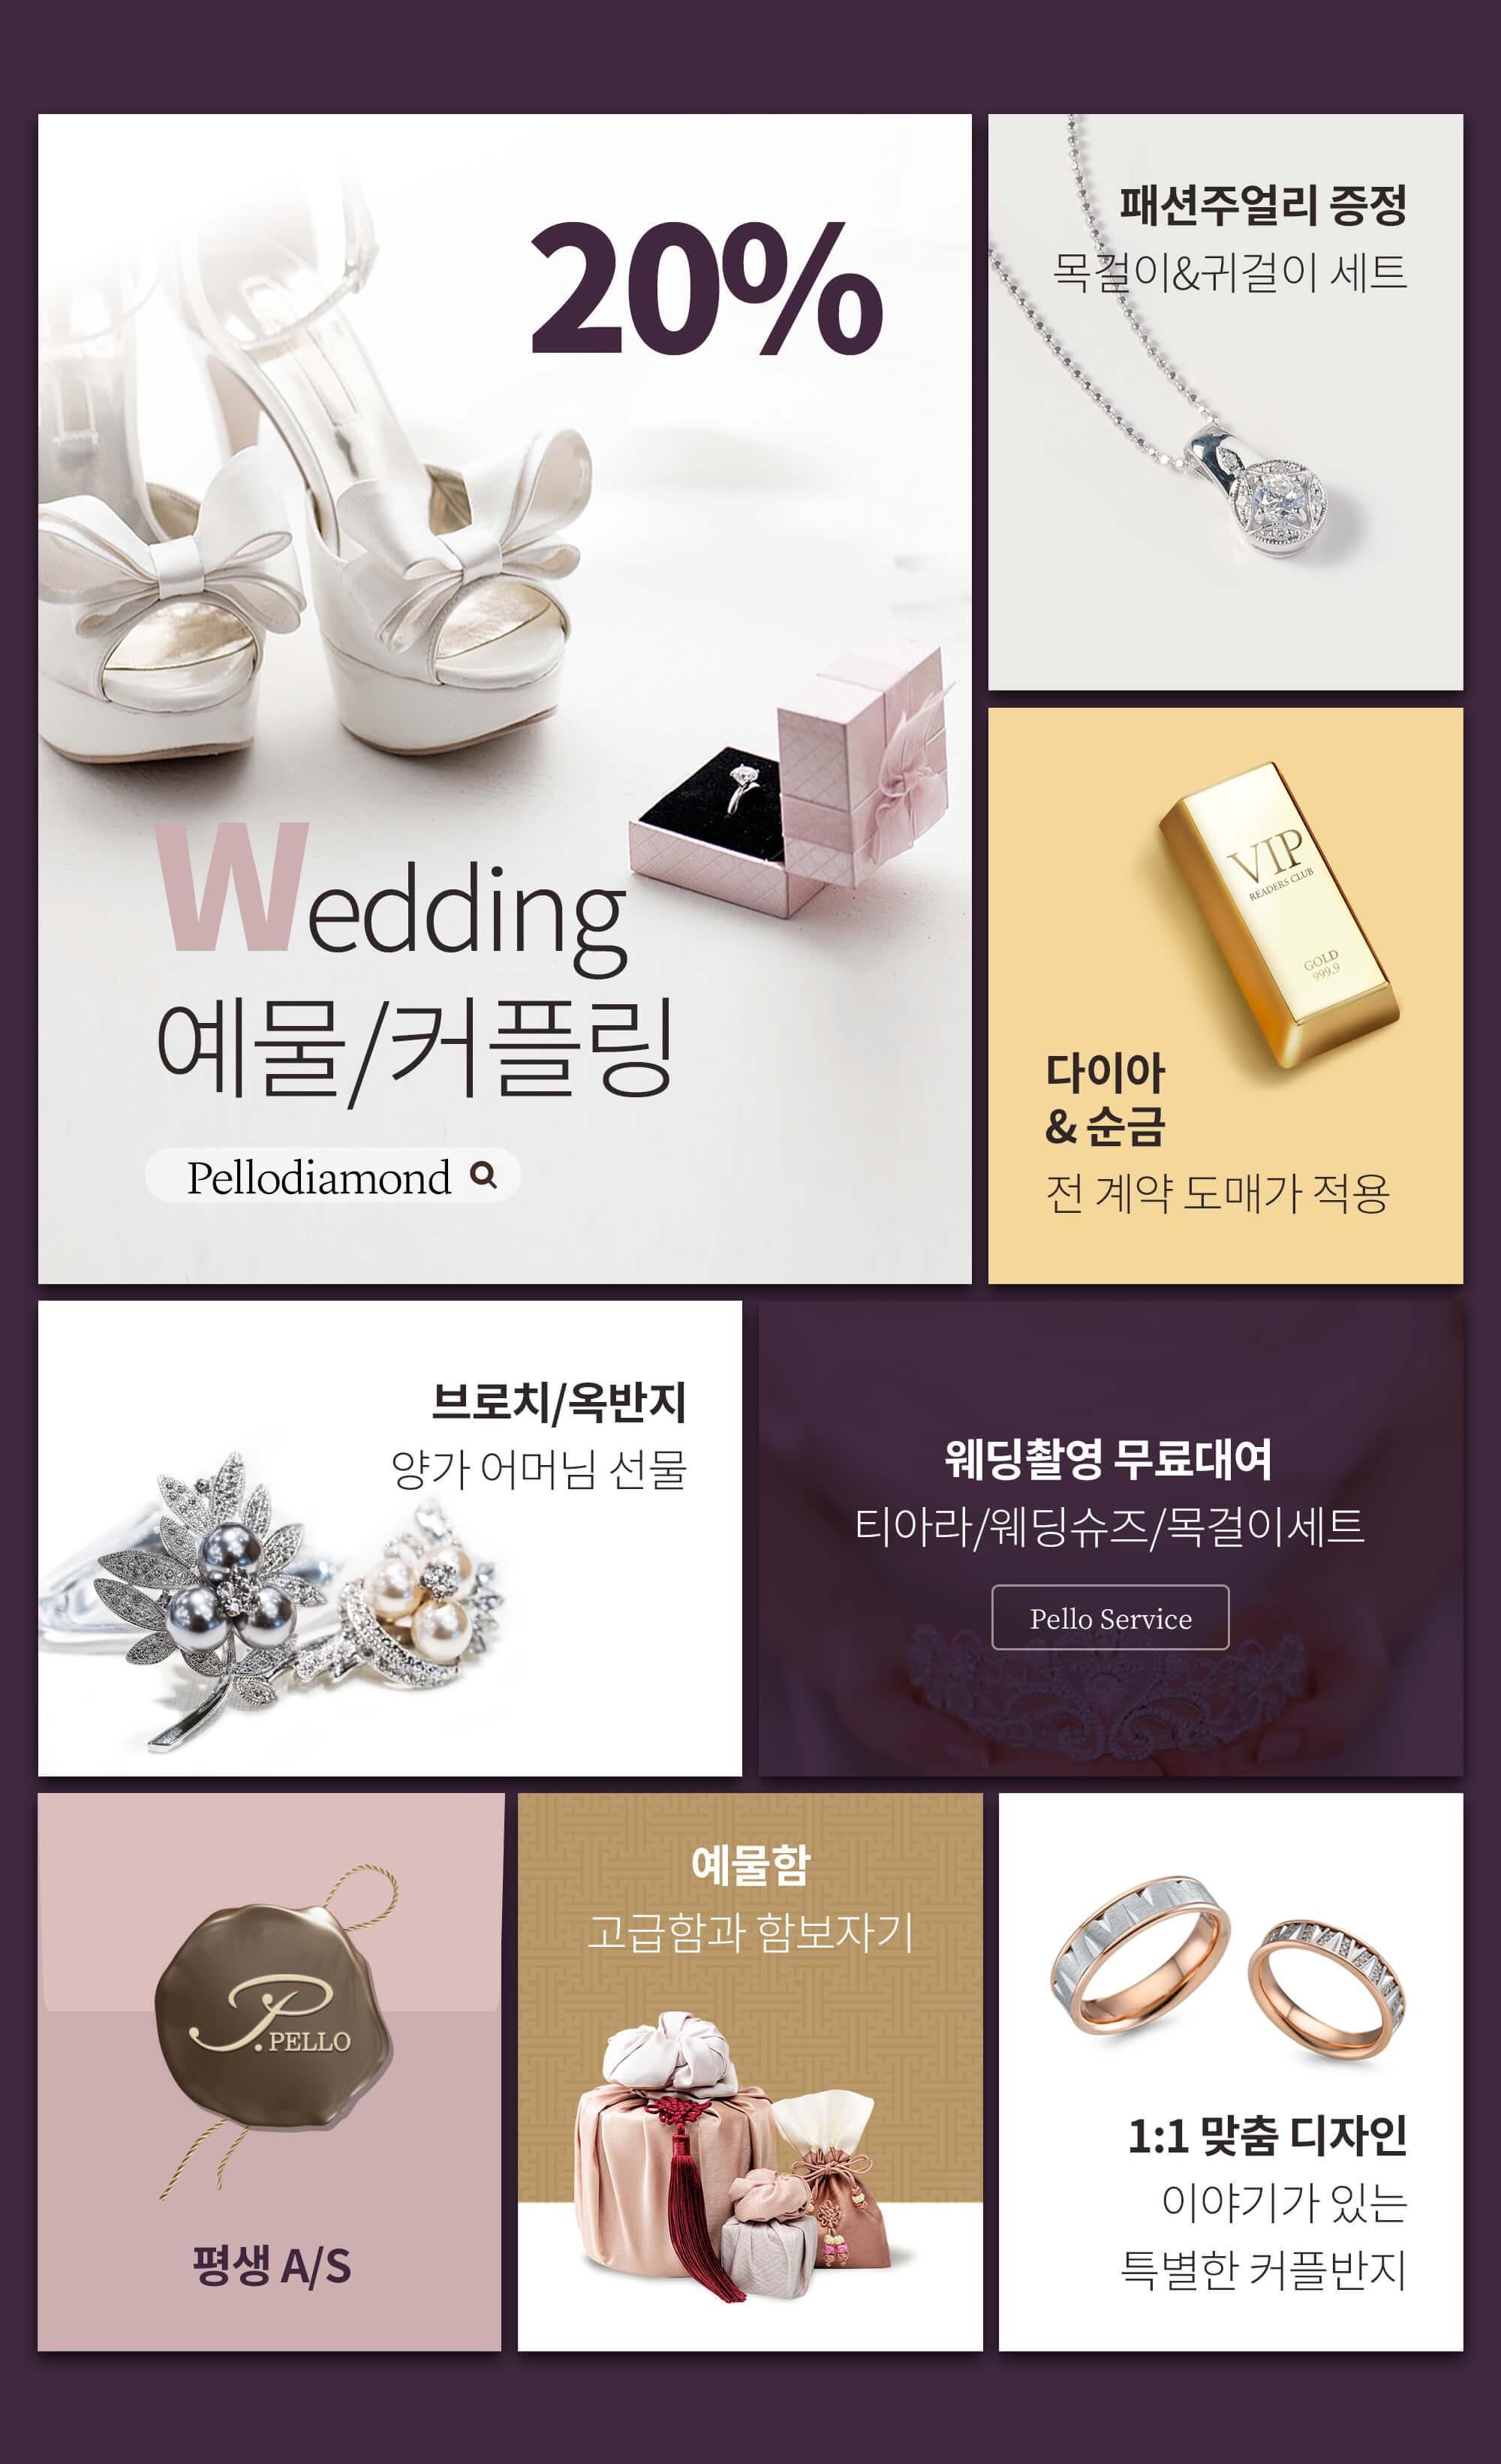 펠로다이아몬드 예물 커플링 할인혜택